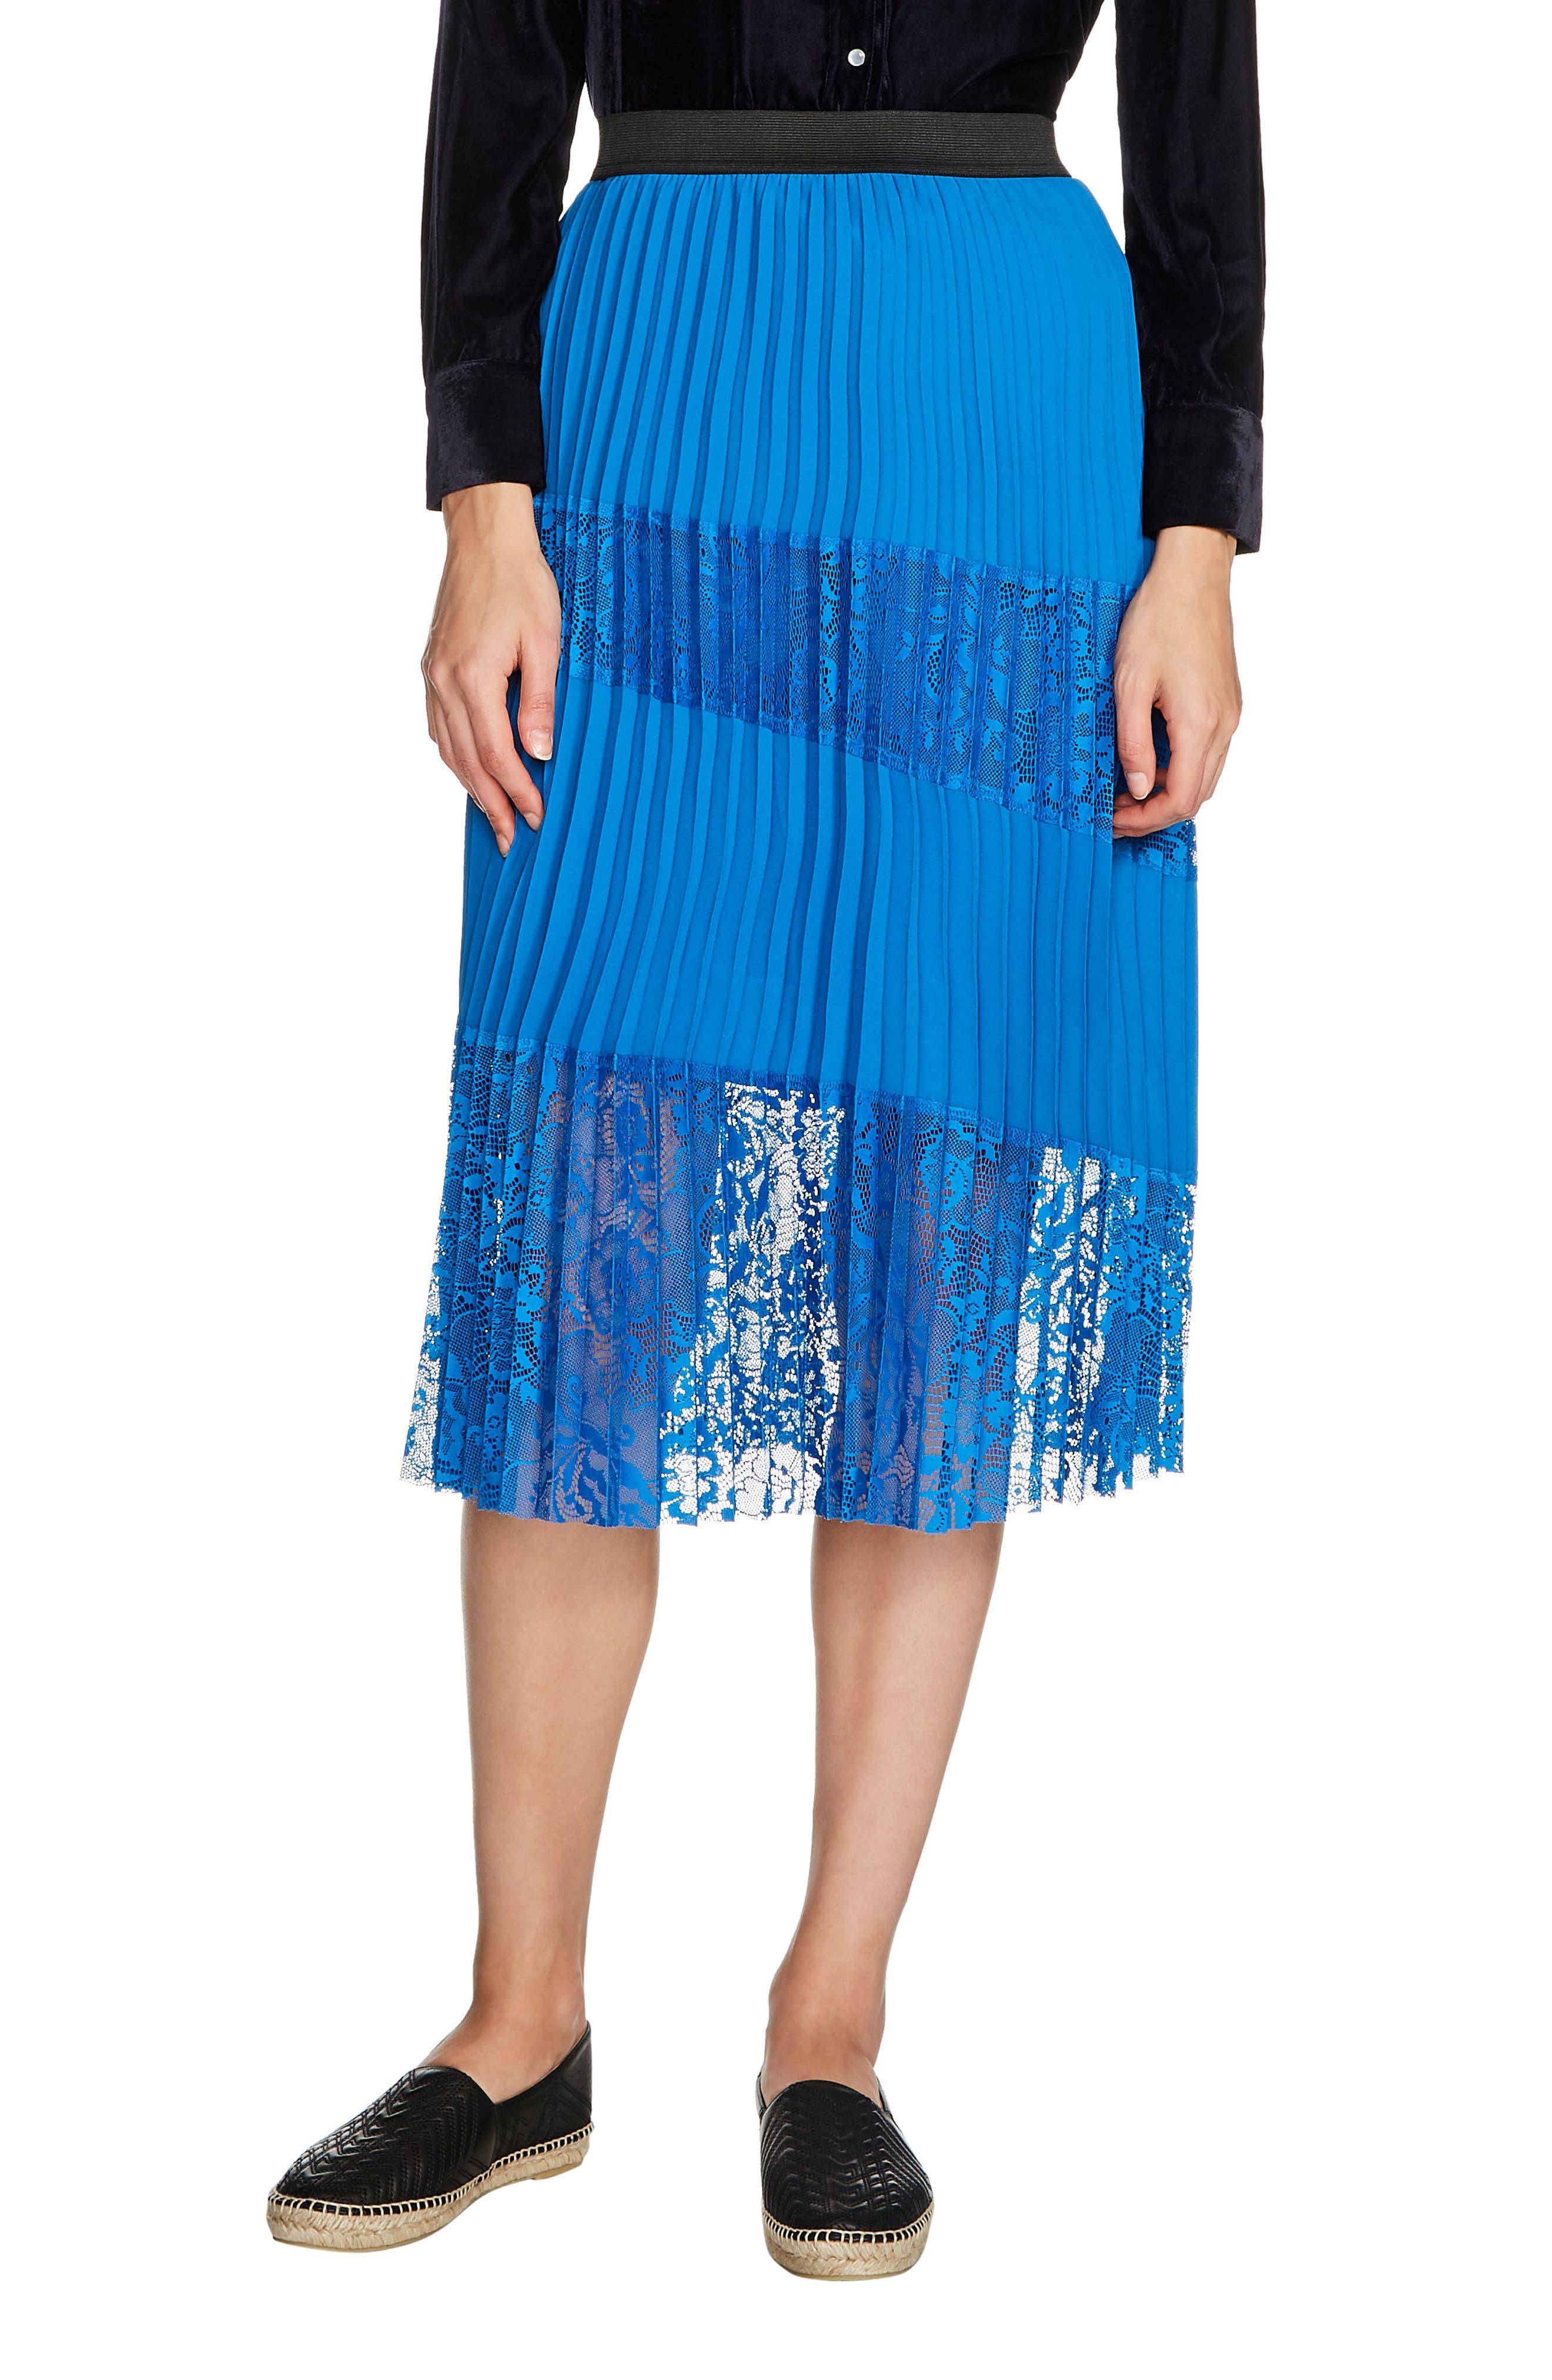 Jarane Lace Inset Pleated Midi Skirt,                         Main,                         color, 401